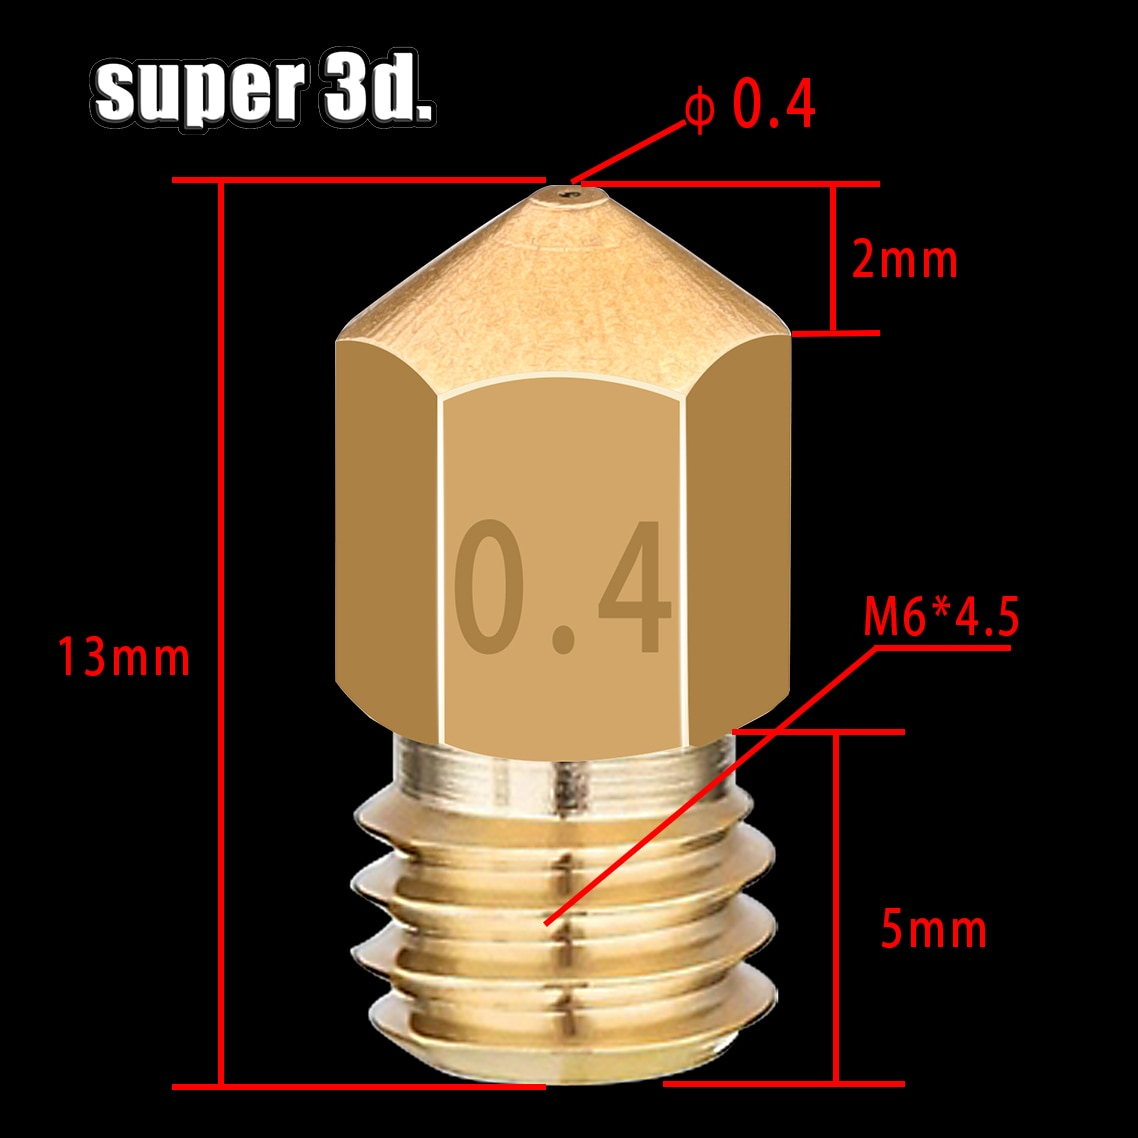 500 قطعة/الوحدة MK8 النحاس فوهة 0.4 مللي متر الطارد رأس الطباعة فوهة ل 1.75 مللي متر CR10 CR10S Ender-3 Anet A8 3D طابعة أجزاء